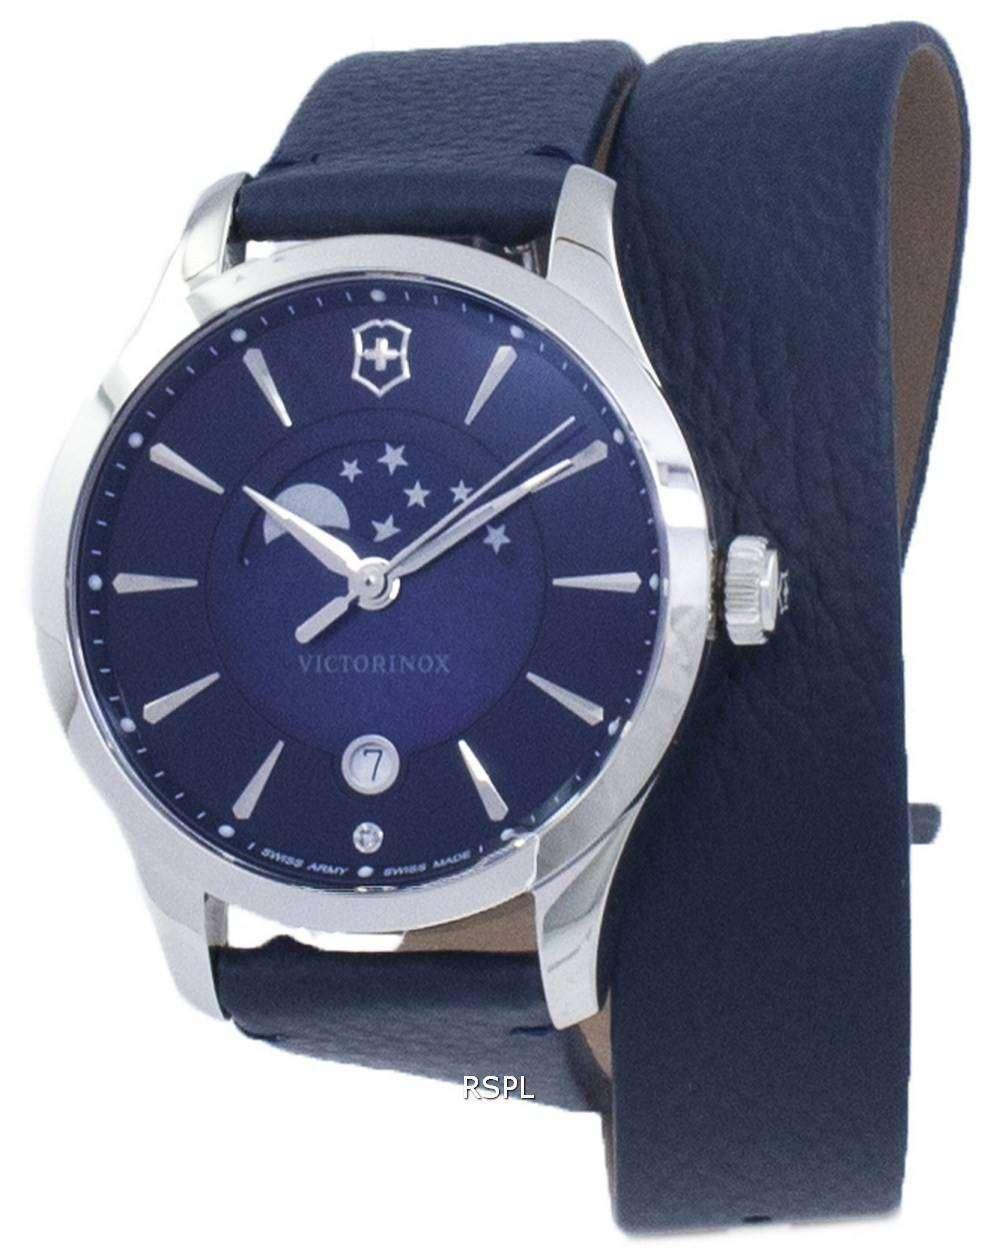 ビクトリノックス アライアンス小さなスイスアーミー月水晶 241755 レディース腕時計